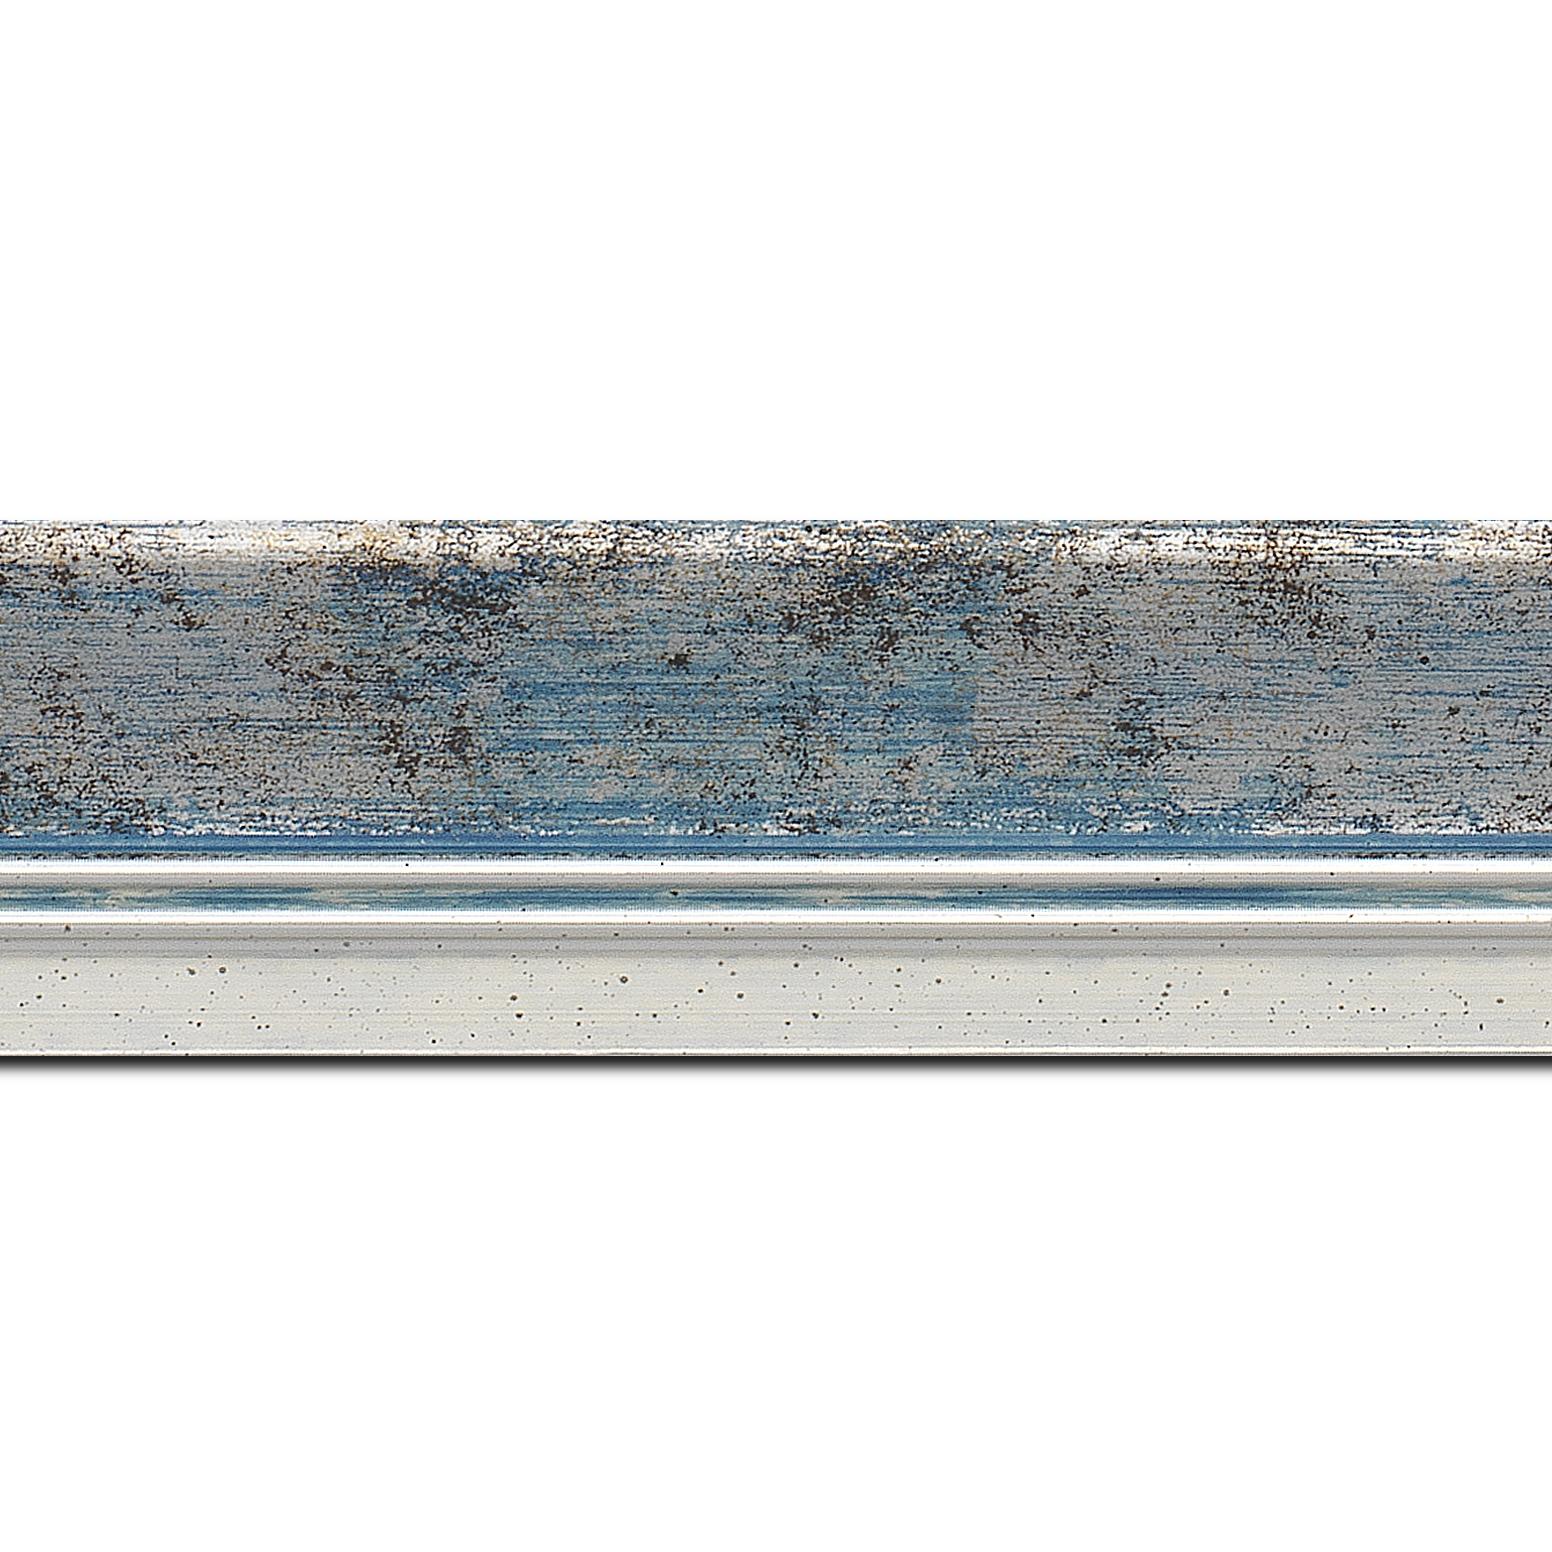 Baguette longueur 1.40m bois profil incurvé largeur 5.7cm de couleur bleu fond argent marie louise blanche mouchetée filet argent intégré